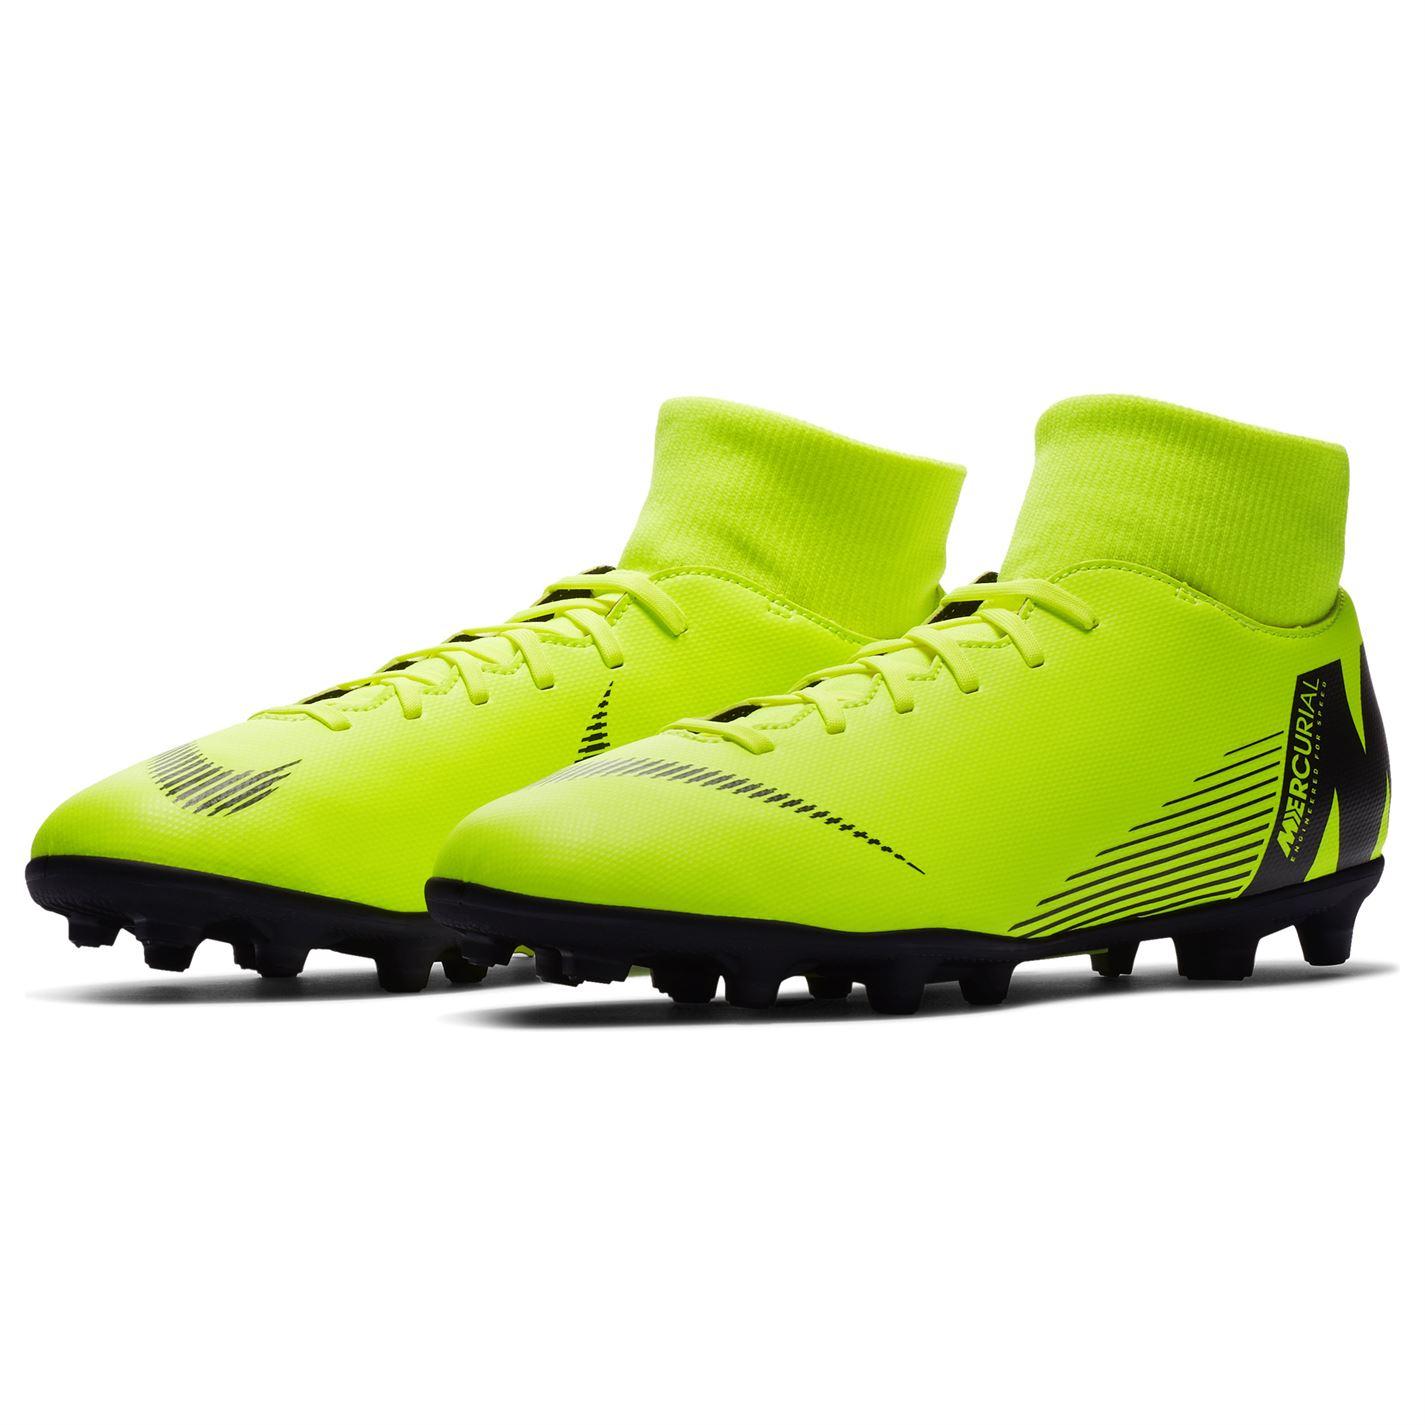 kopačky Nike Mercurial Superfly Club DF pánske FG